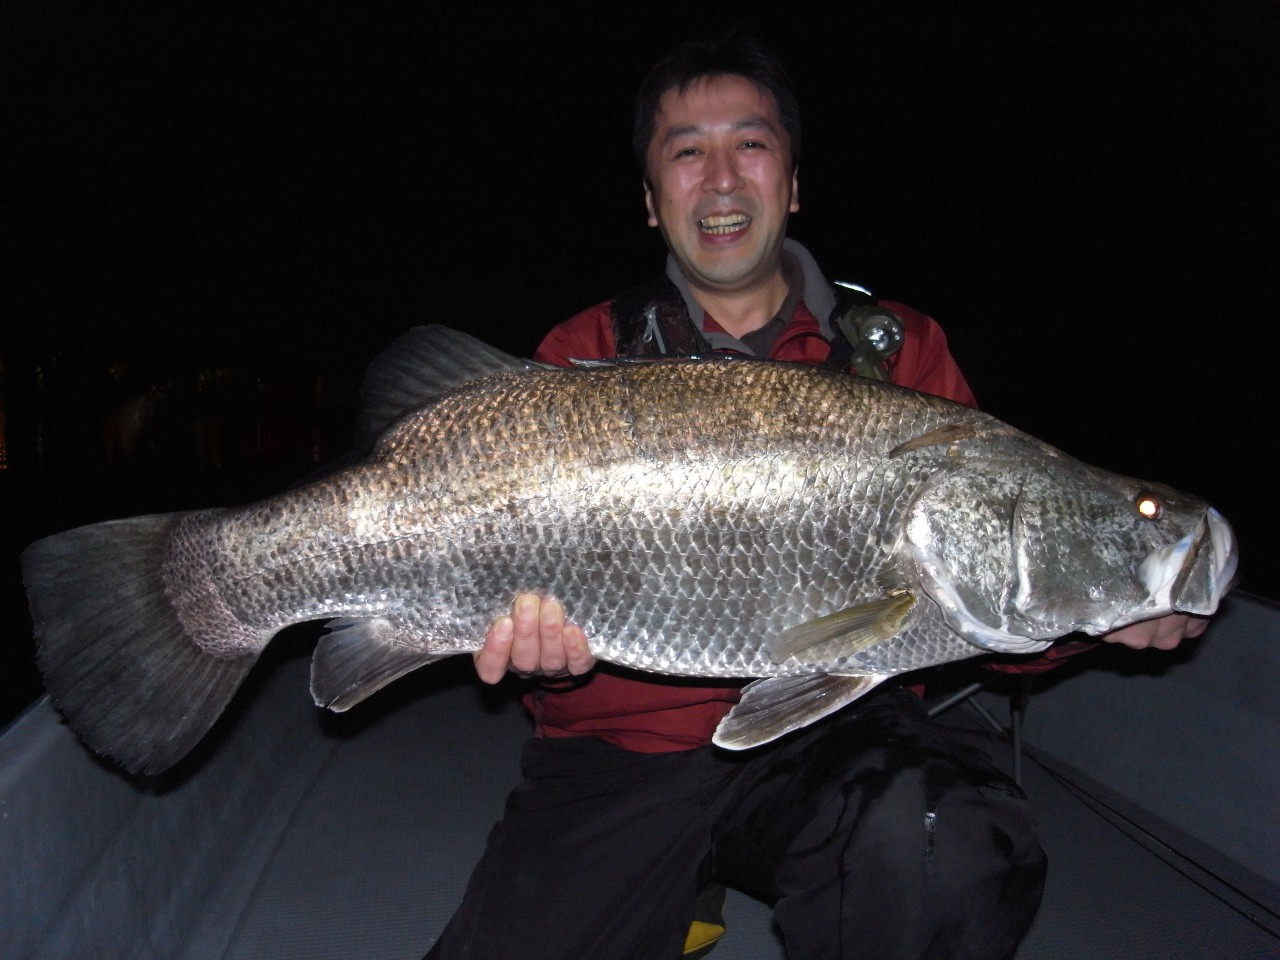 巨魚に憧れて。_c0153951_14533169.jpg